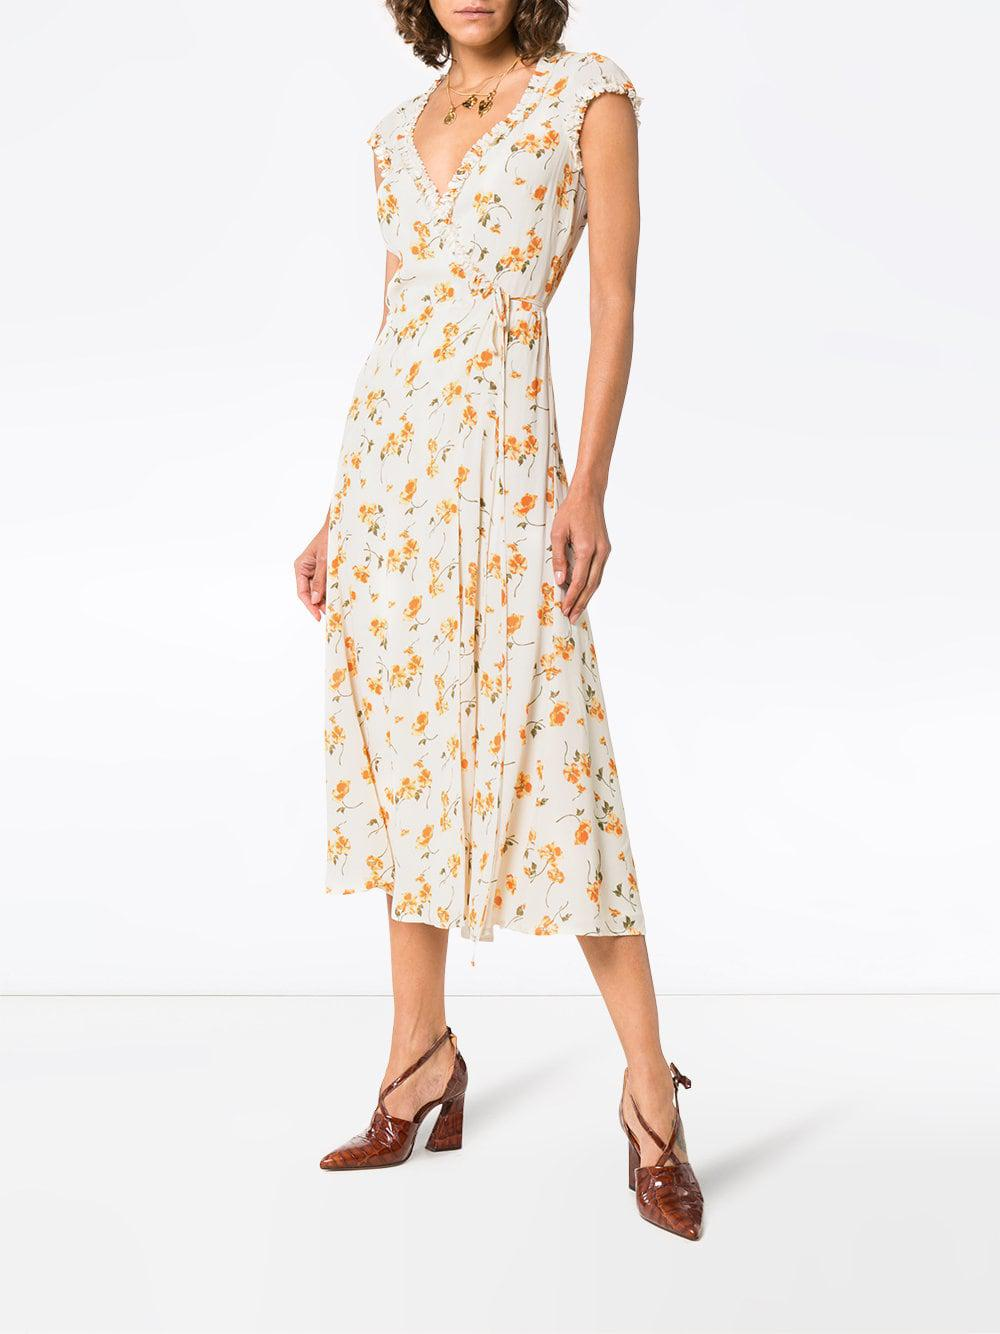 ca5fef104b9 Reformation Gwenyth Floral Wrap Over Dress - Lyst